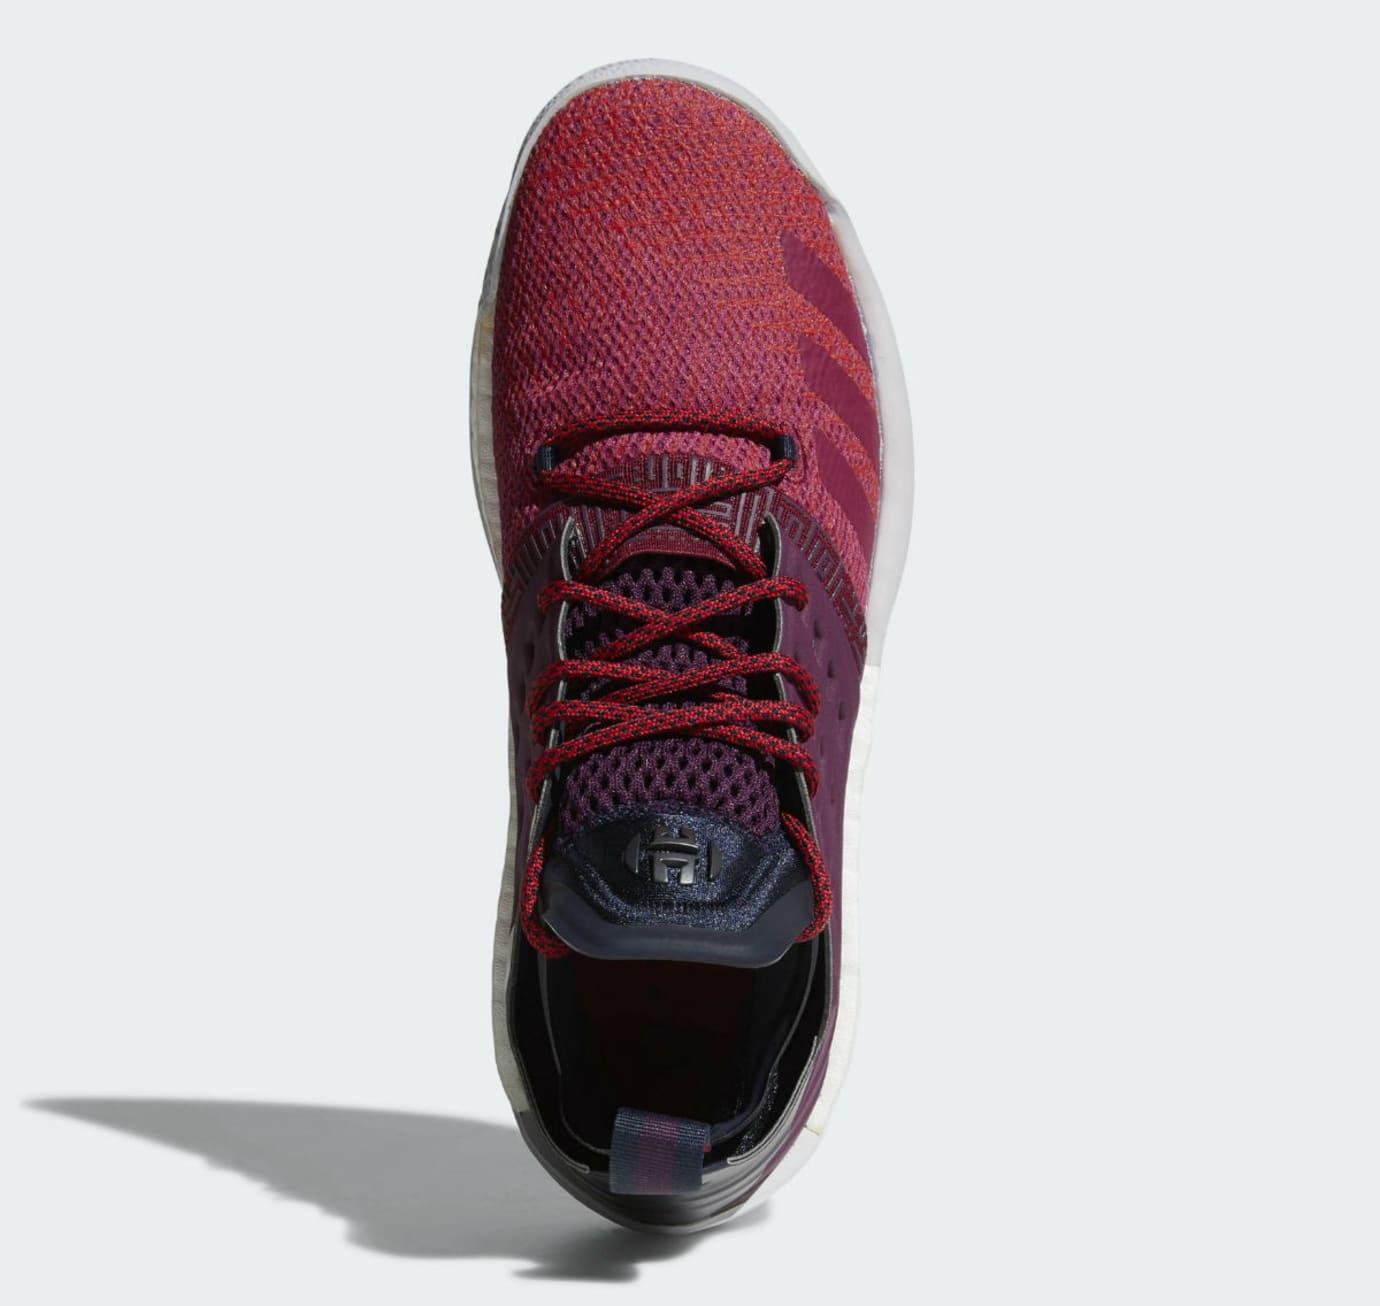 Adidas Harden Vol. 2 Maroon Release Date AH2124 Top